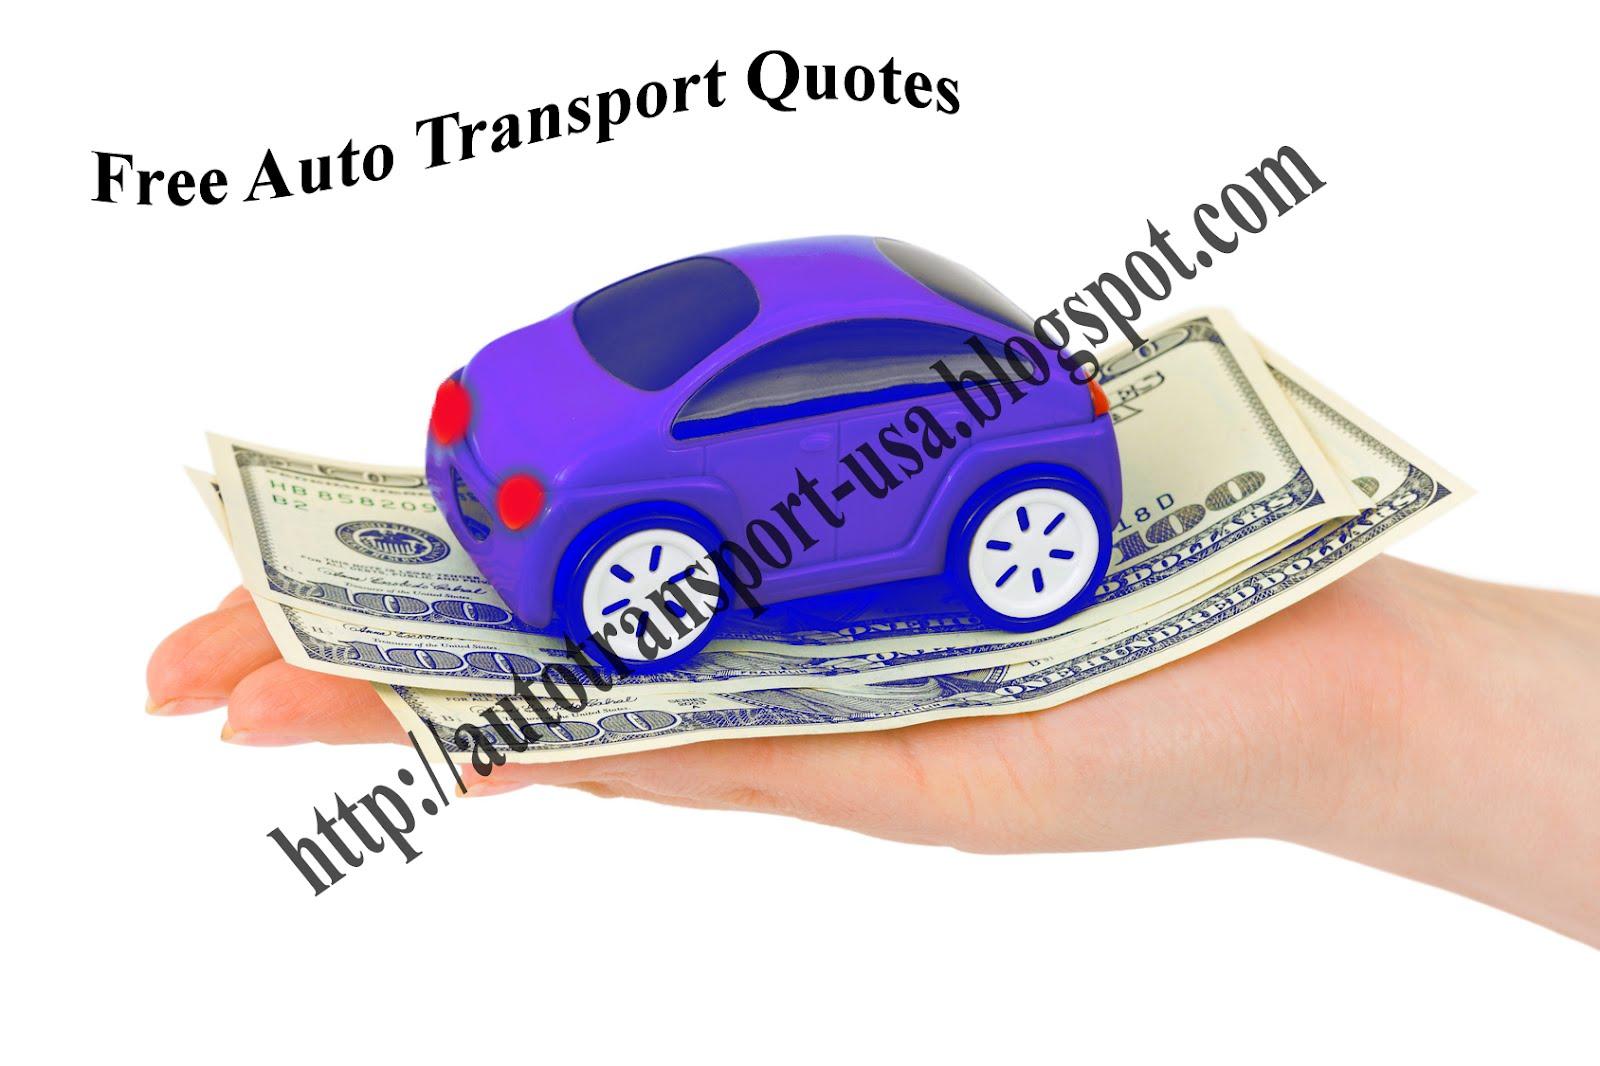 http://4.bp.blogspot.com/-fZrYONvrJO4/UD3FSPqoshI/AAAAAAAAAYY/CzsqZOGEWsY/s1600/free-auto-transport-quote.jpg